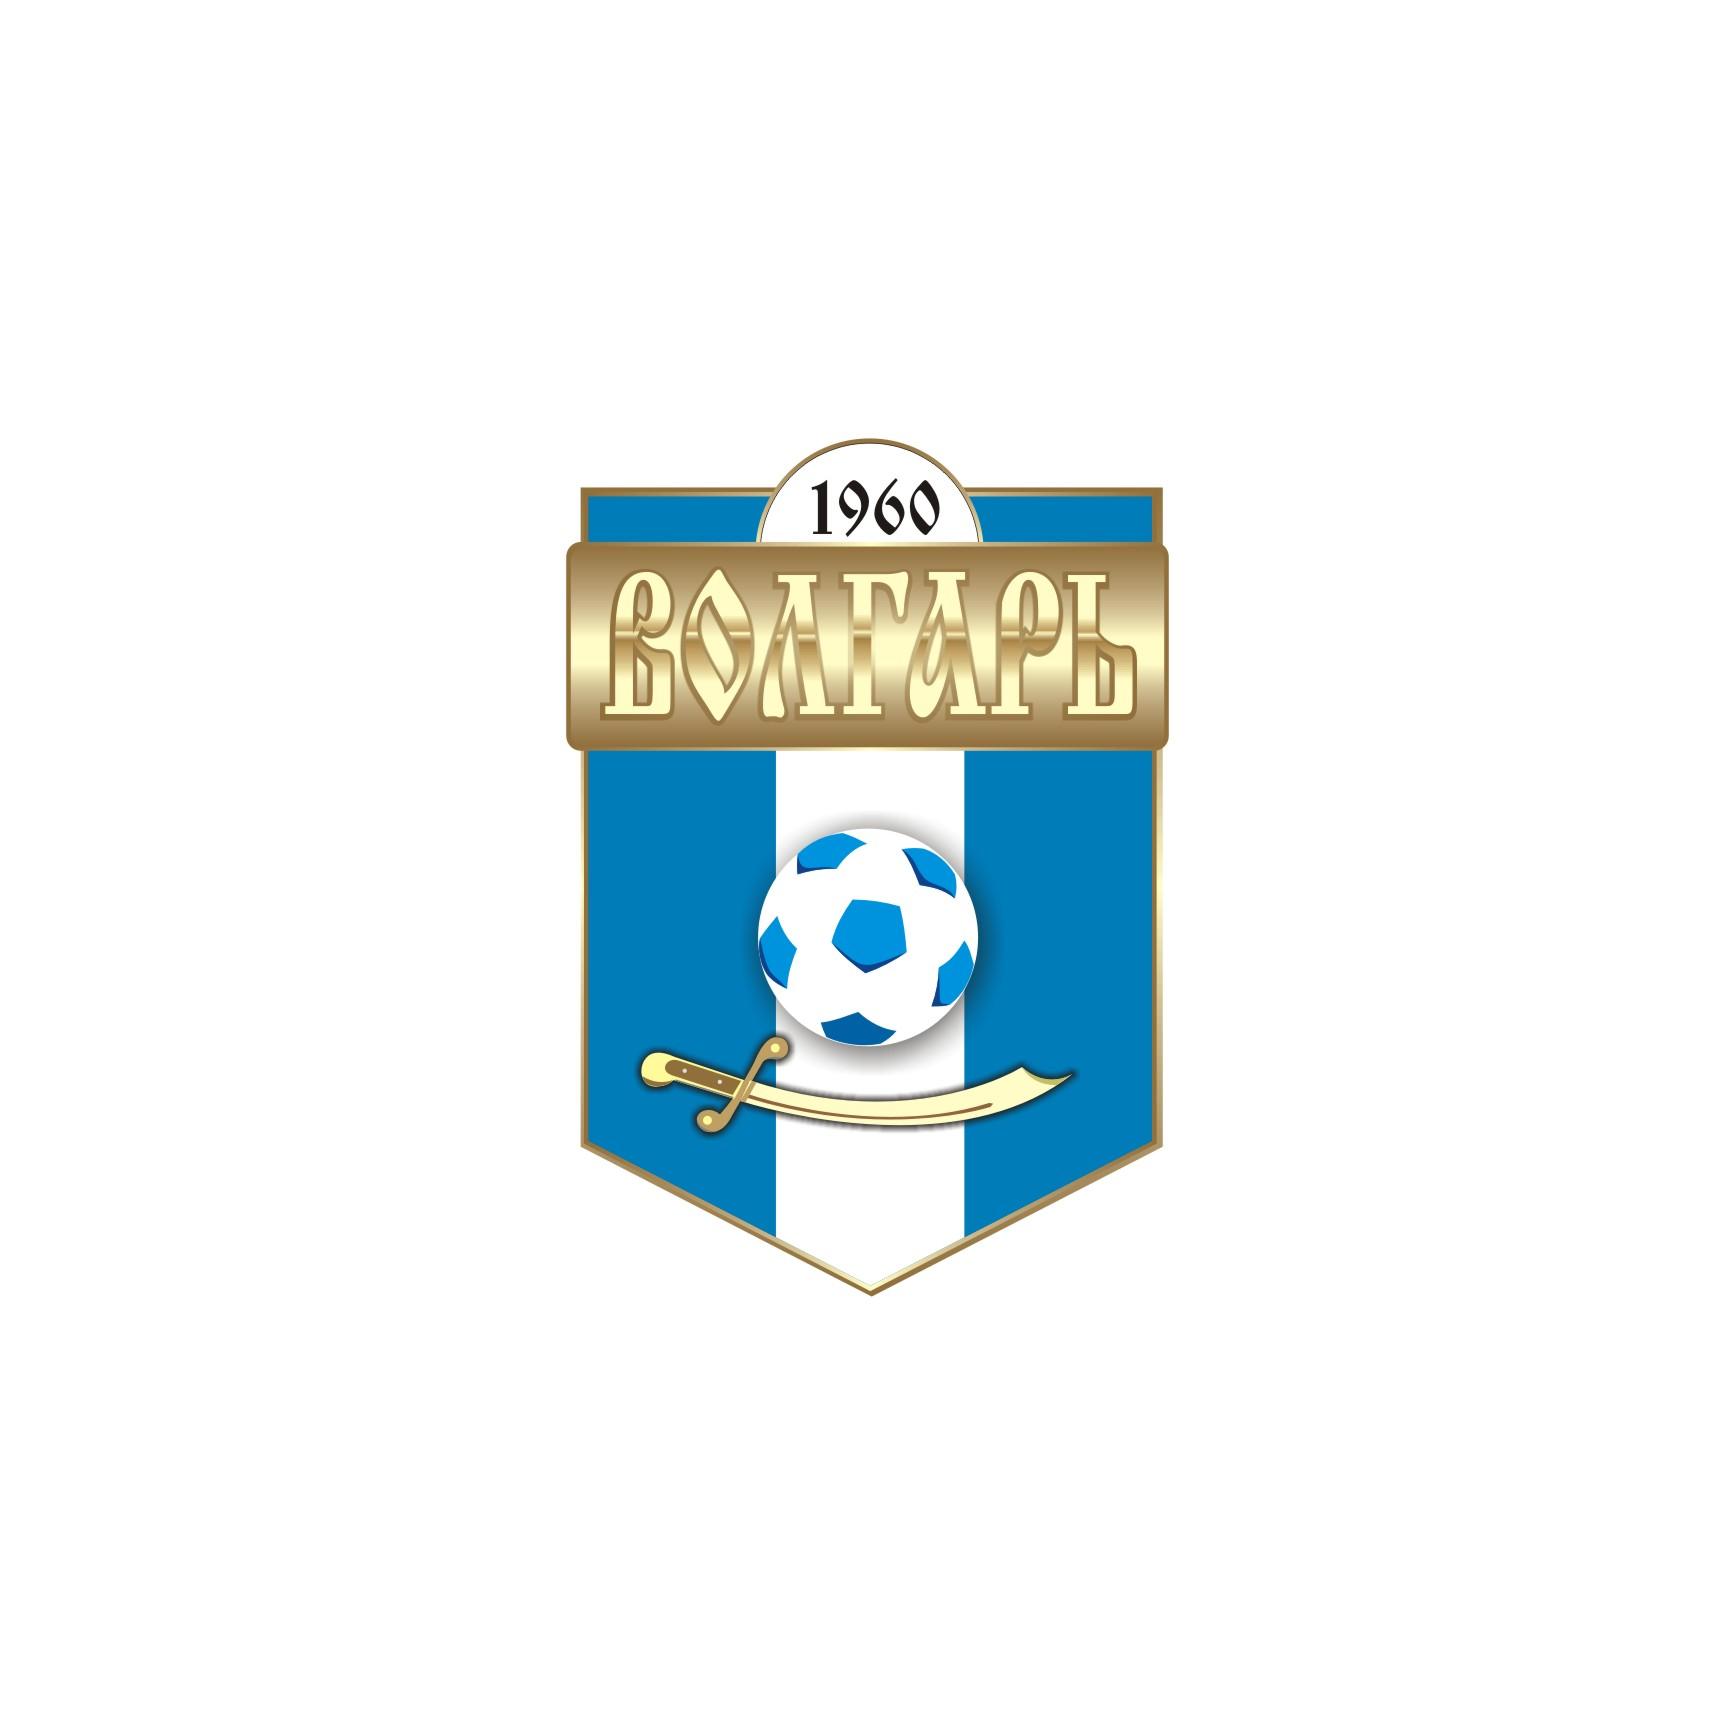 Разработка эмблемы футбольного клуба фото f_4fbfd23d2fe4e.jpg